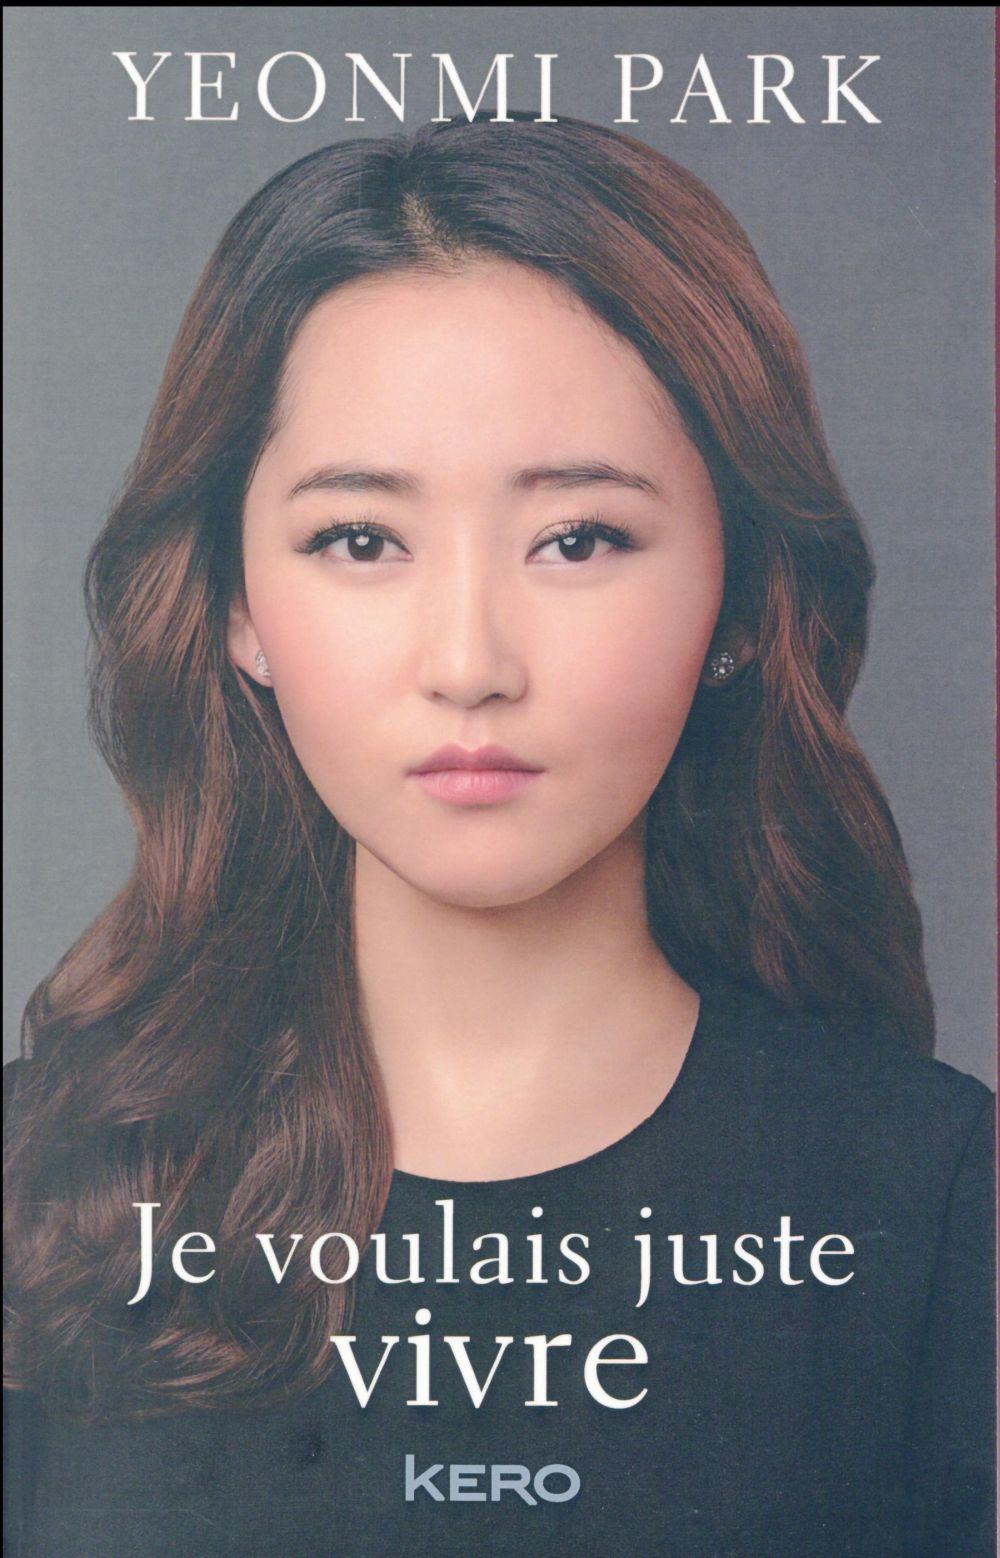 [Chronique] Le magnifique roman de Yeonmi Park, Je voulais juste vivre (Kero)